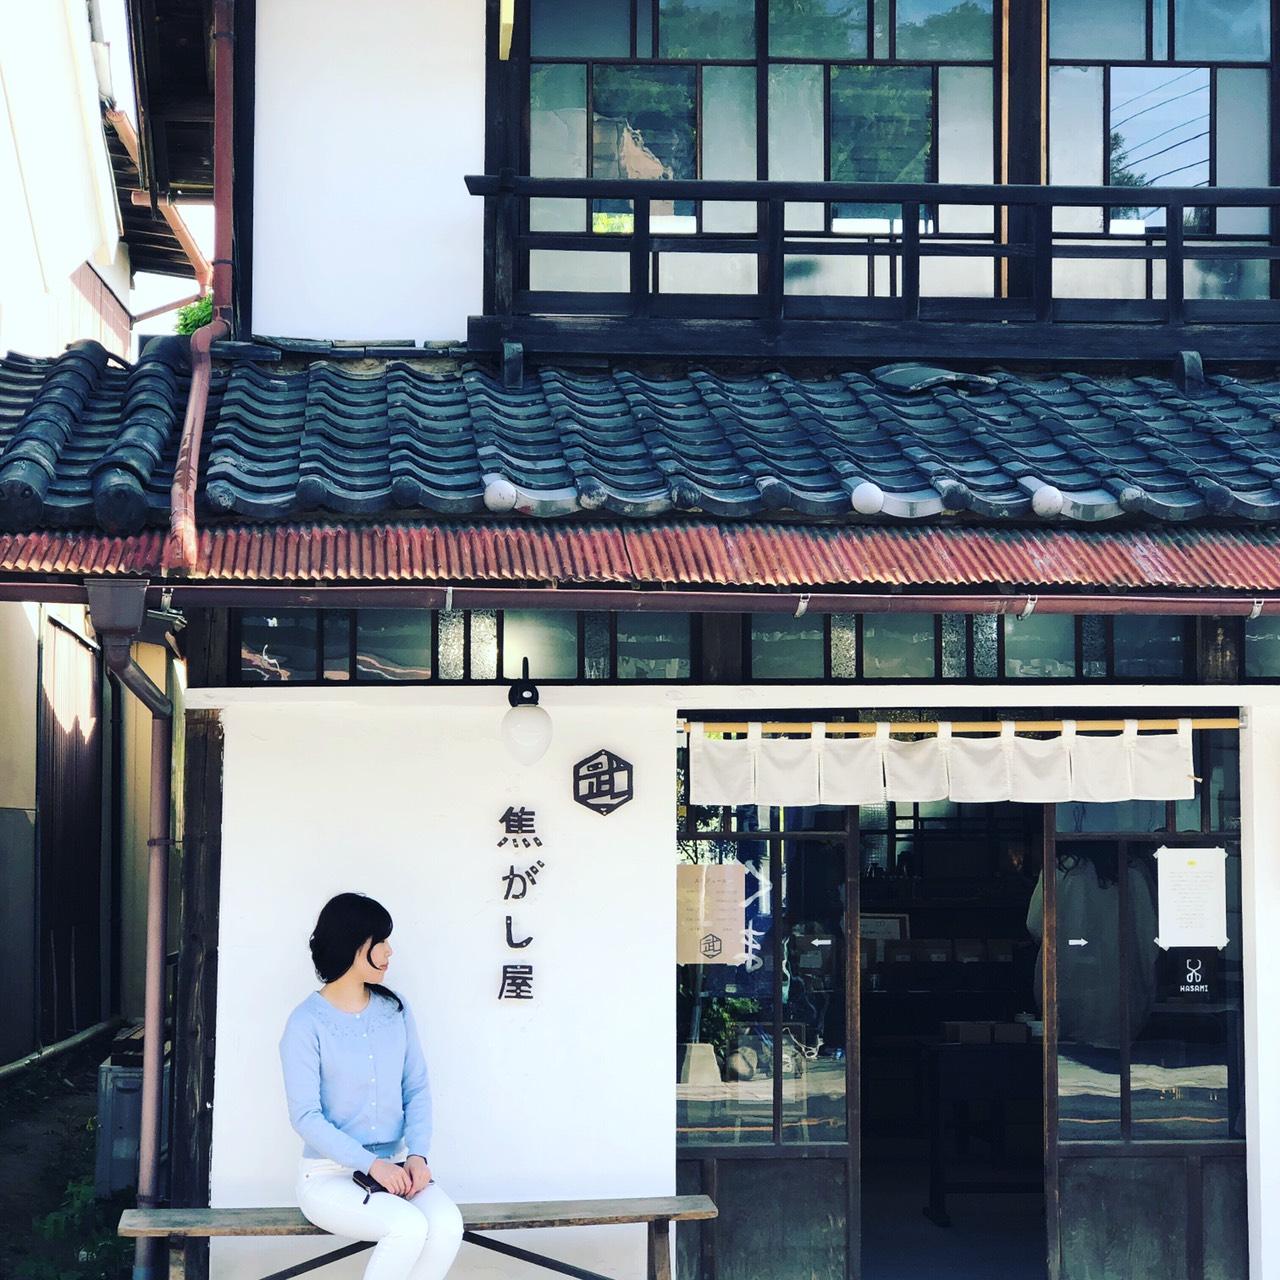 熊谷 ほうじ茶 専門店